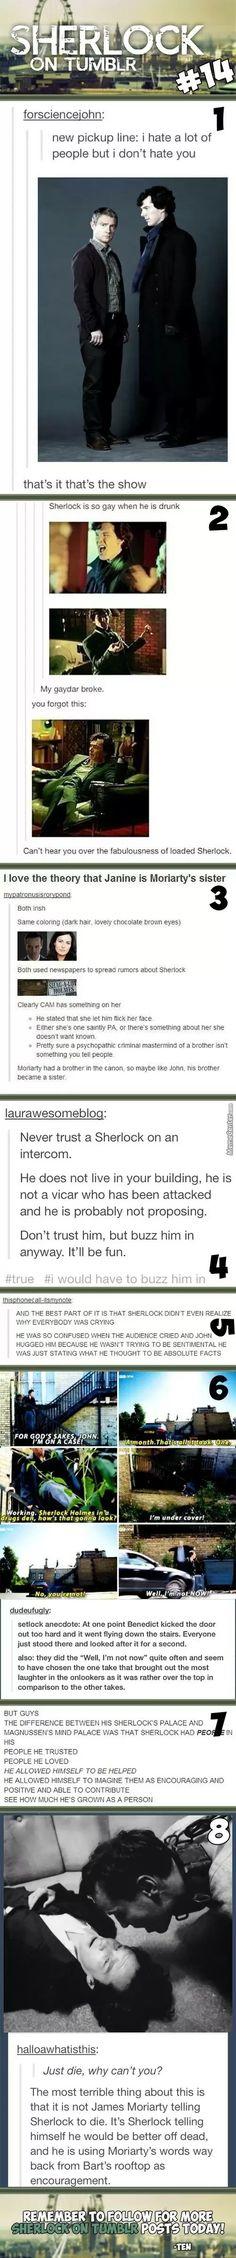 Sherlock On Tumblr #14